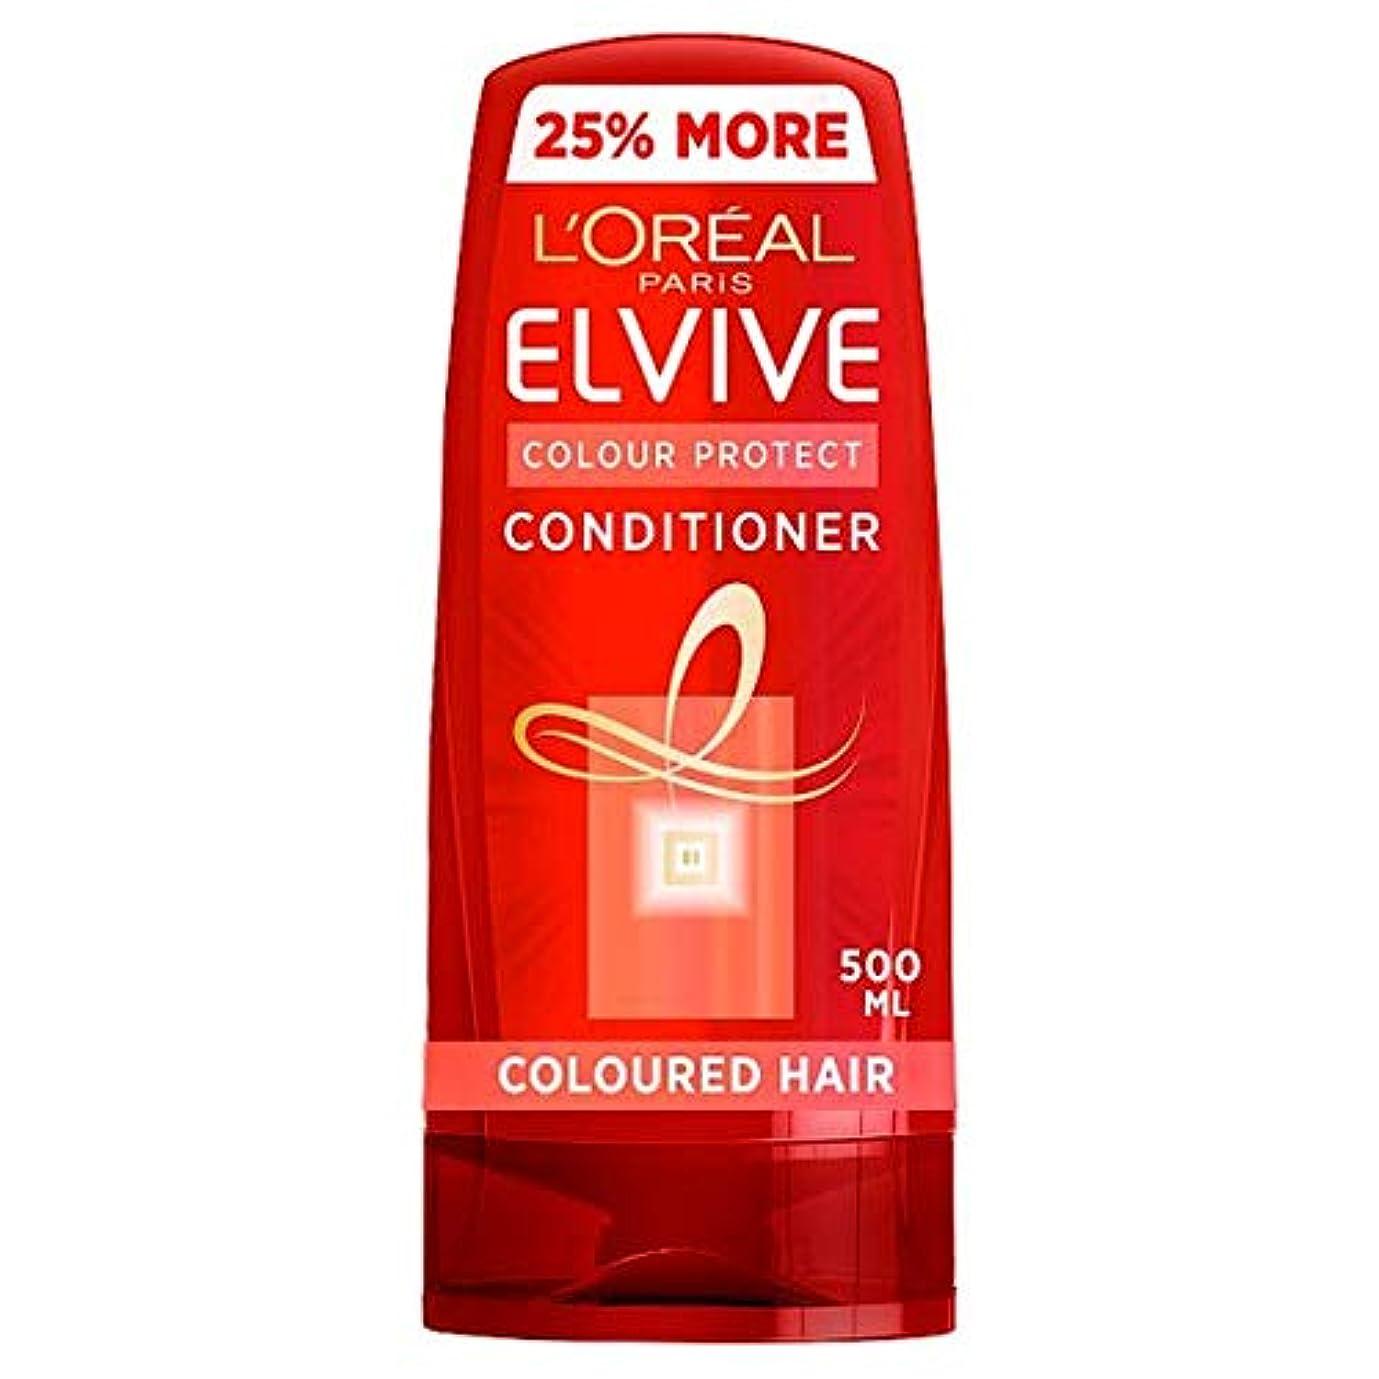 成長落ち込んでいるホイール[Elvive] ロレアルのElviveの色は、着色ヘアコンディショナー500ミリリットルを保護します - L'oreal Elvive Colour Protect Coloured Hair Conditioner 500Ml [並行輸入品]